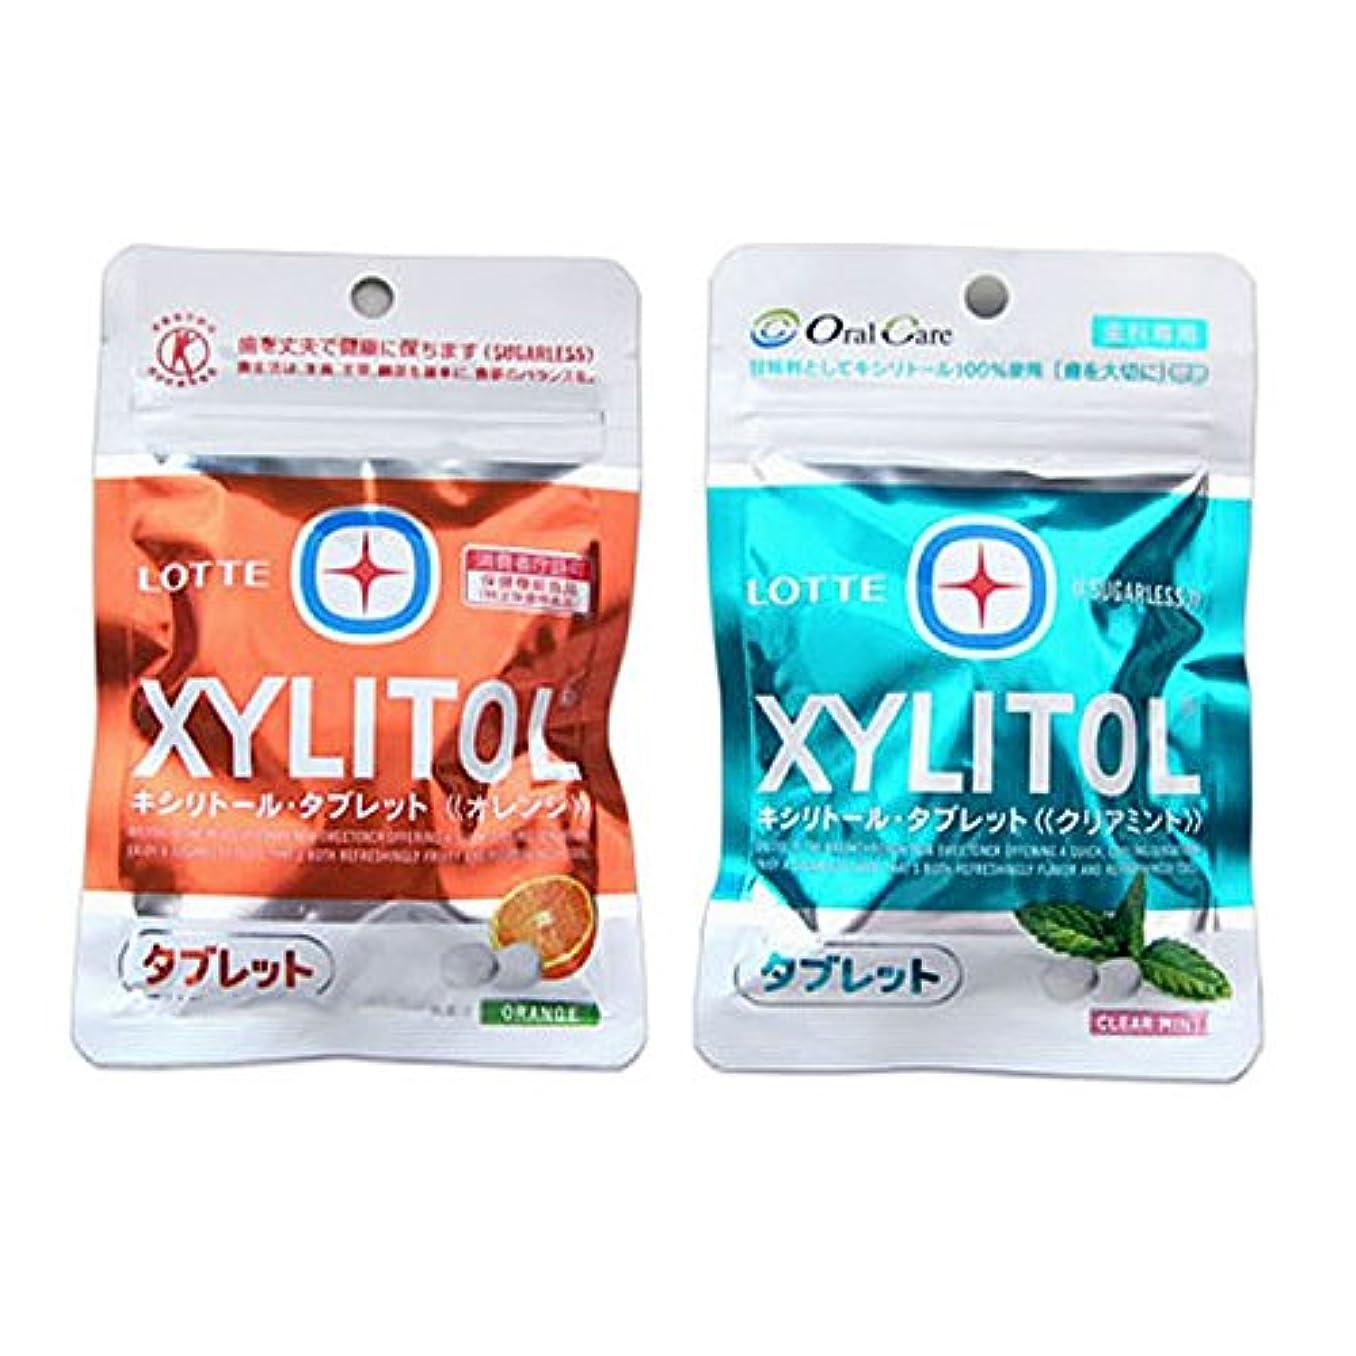 肺個人的にすずめキシリトールタブレット(ラミチャック) キシリトール タブレット ラミチャック 3袋 場 クリアミント2袋+オレンジ1袋 -